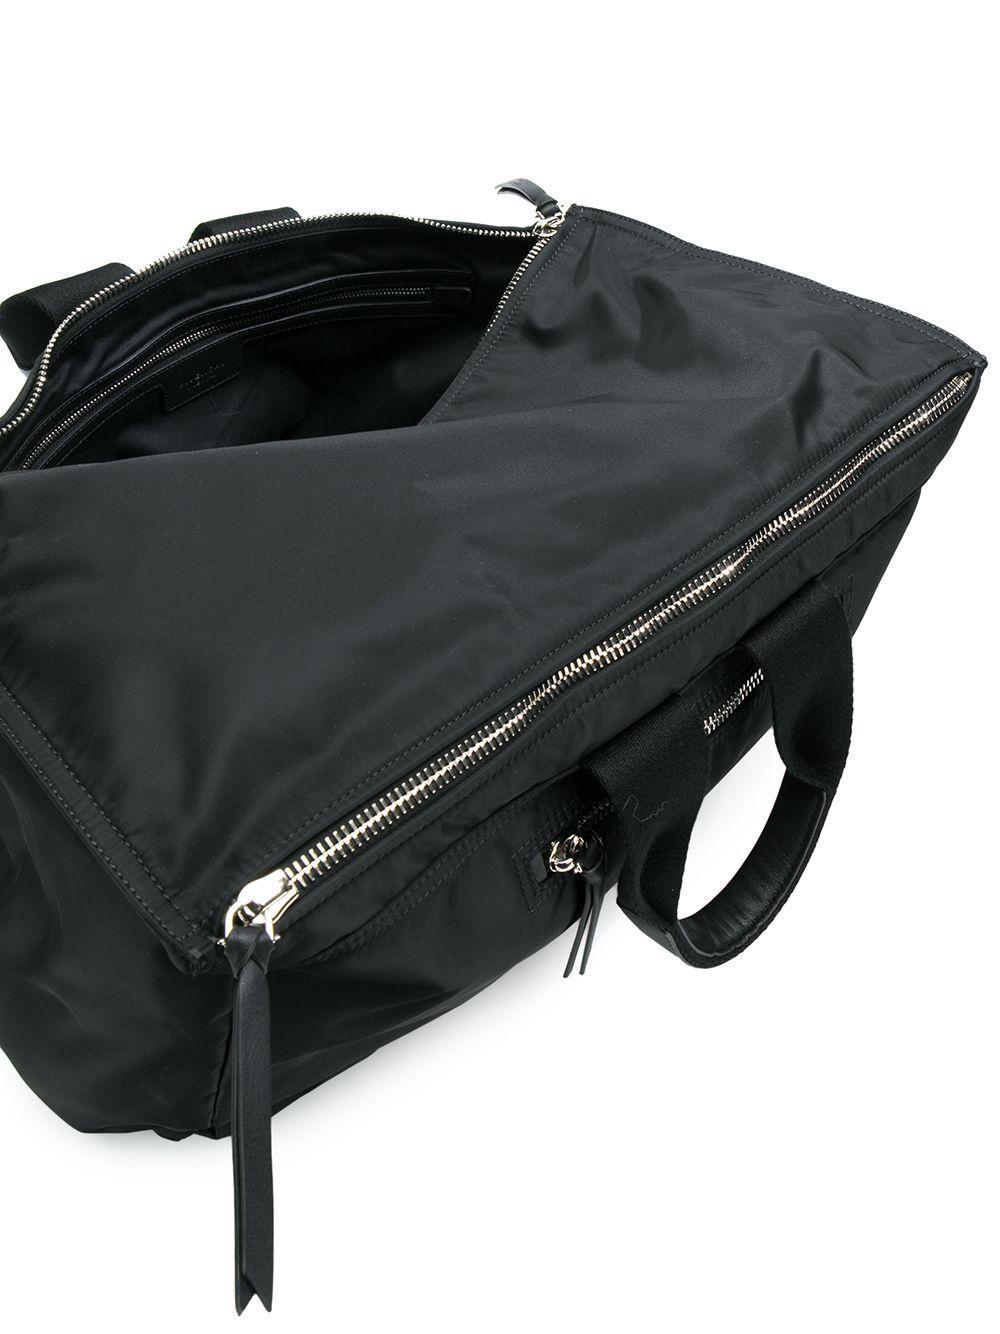 Randy Watson Bundle Backpack,Ladies Mens Multi-Function Travel Backpack,School Bag 15 Inch